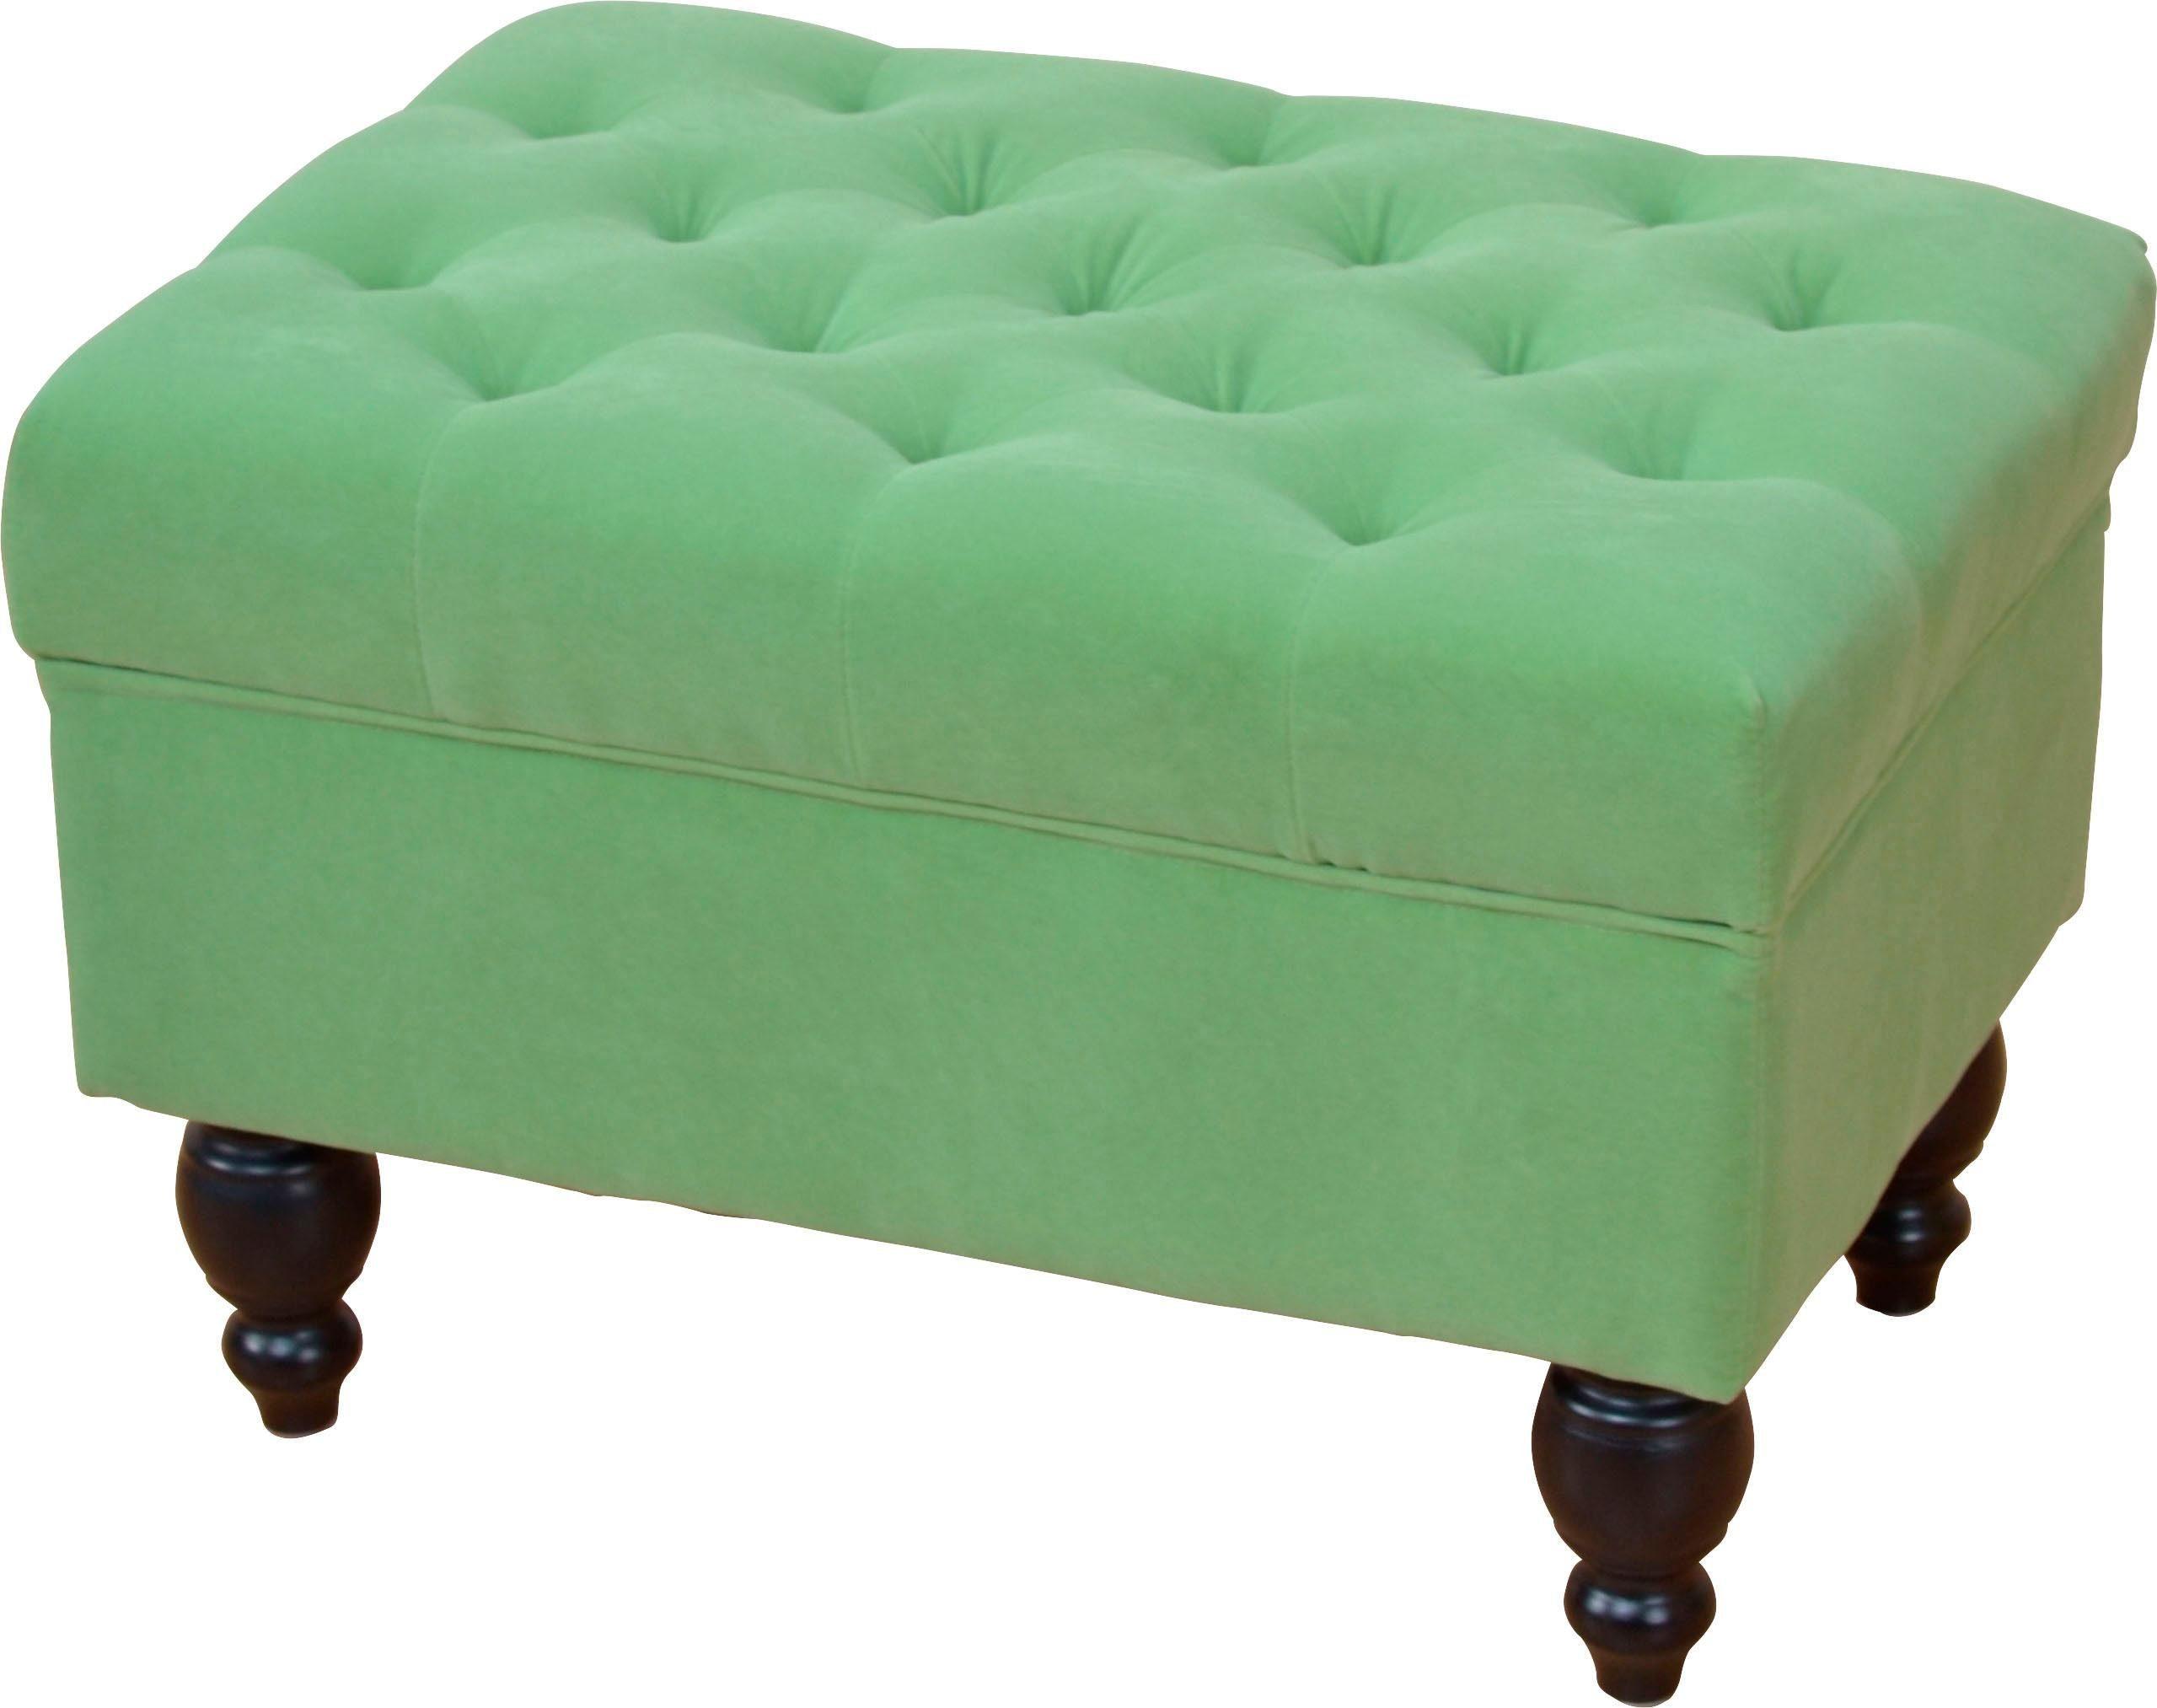 Home affaire Hocker Julia grün Polsterhocker Nachhaltige Möbel